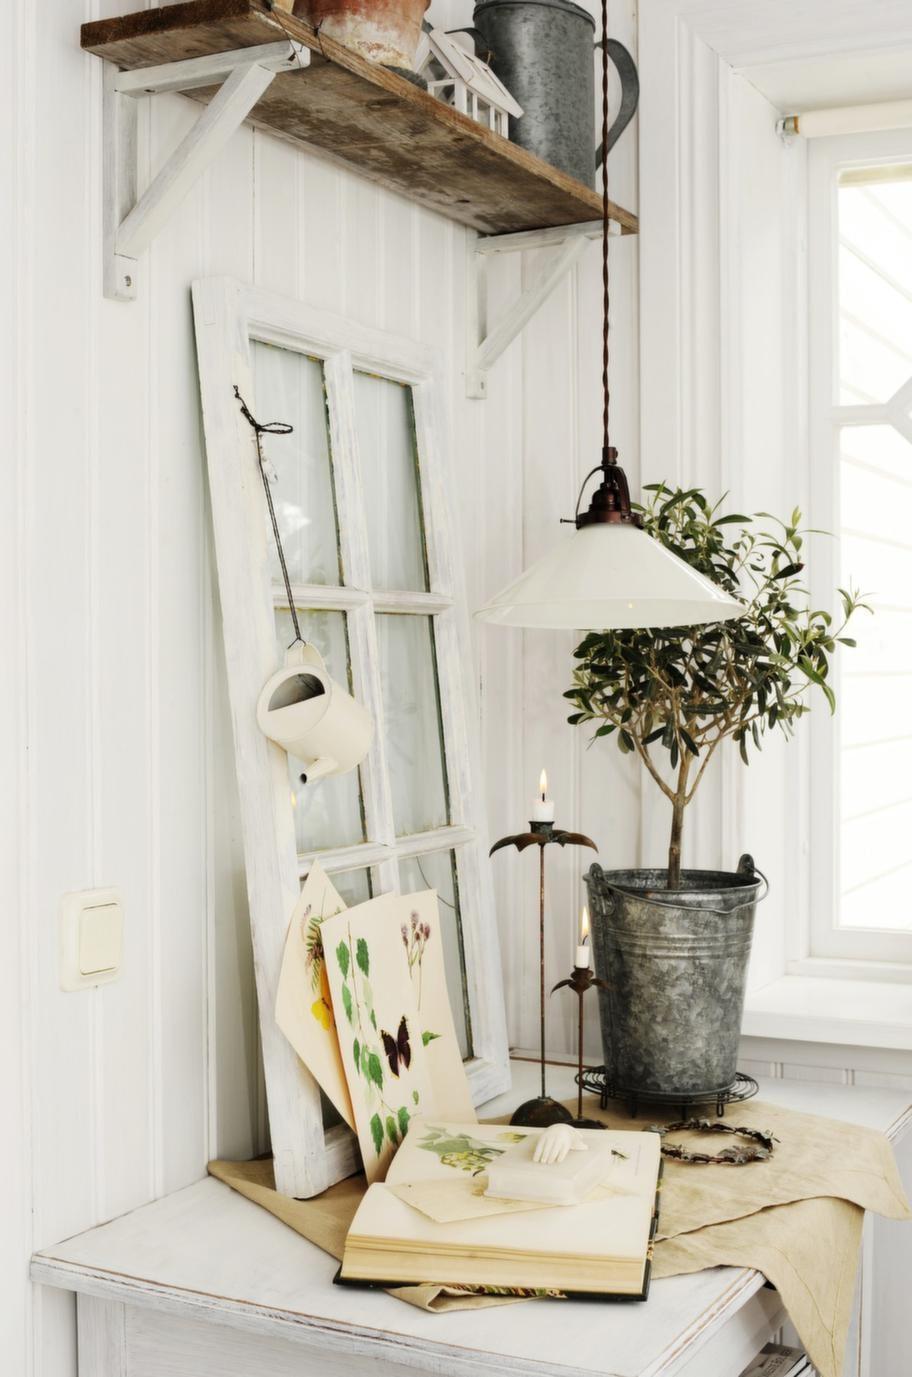 Gamla fönster tas gärna tillvara och används som dekoration. Fjärilsbilderna köpte Jeanette redan när hon var 15 år.